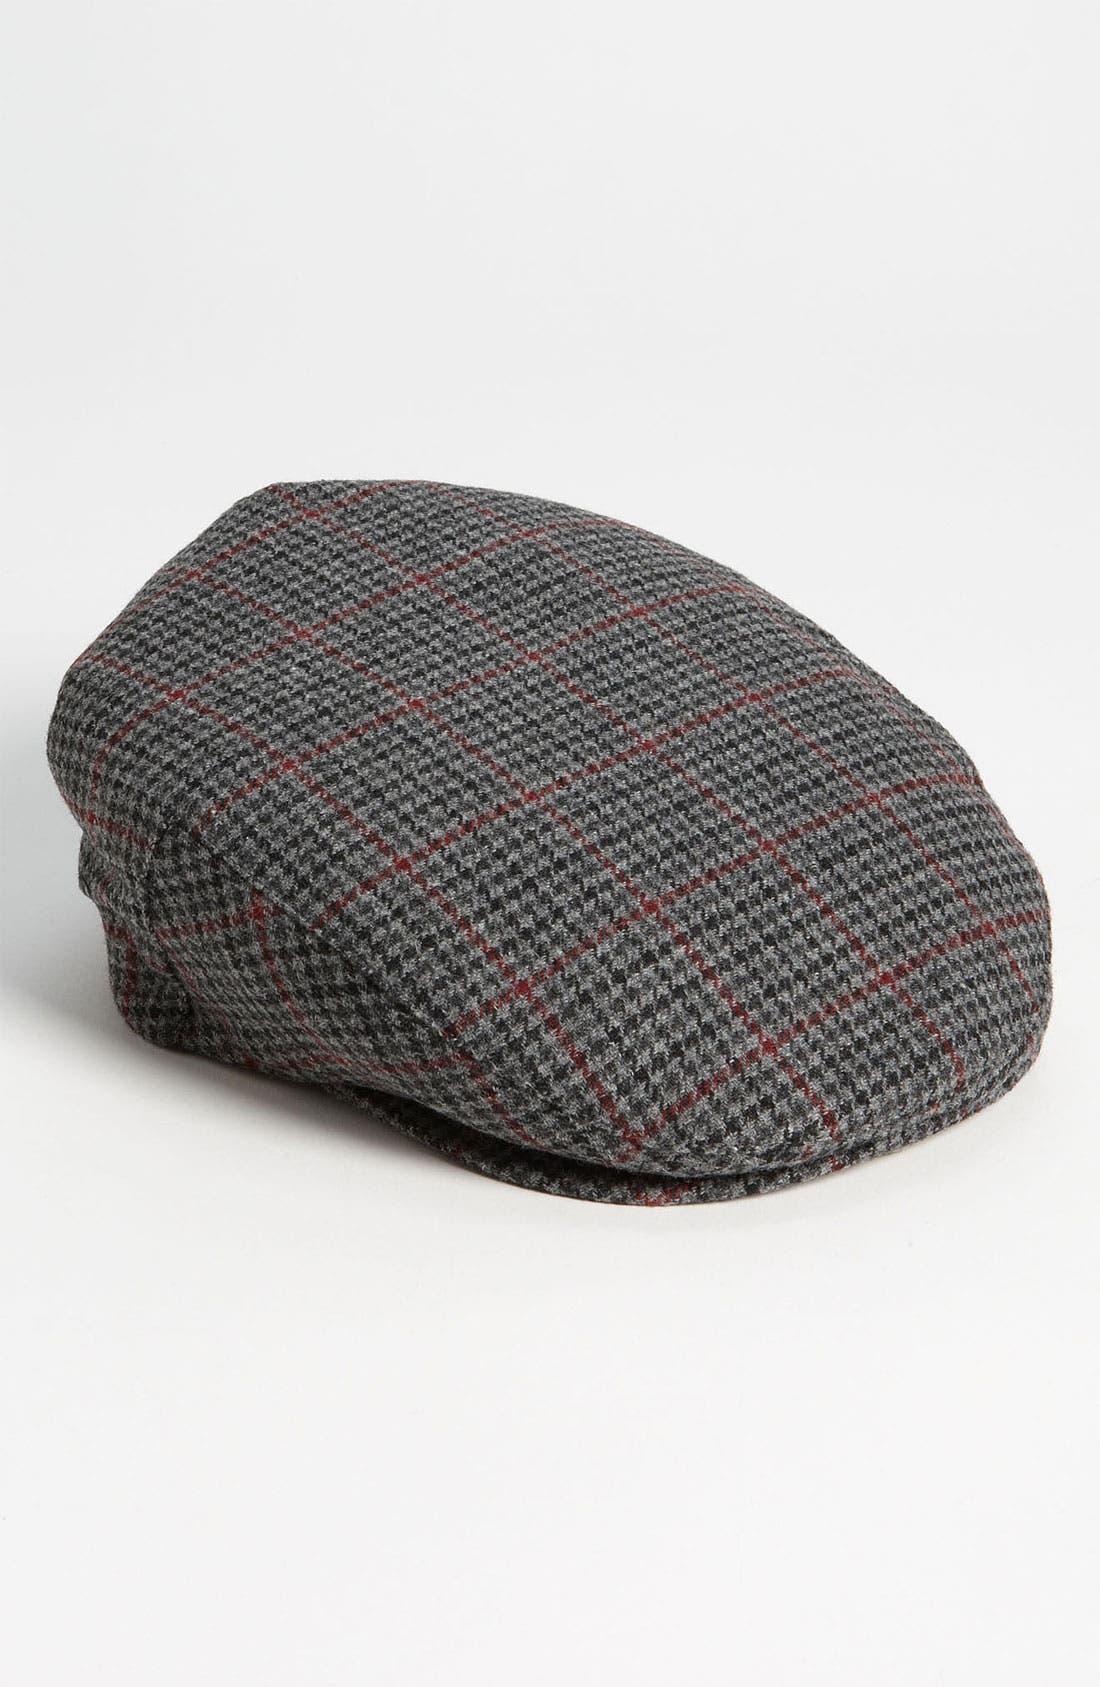 Main Image - Brixton 'Barrel' Driver's Cap